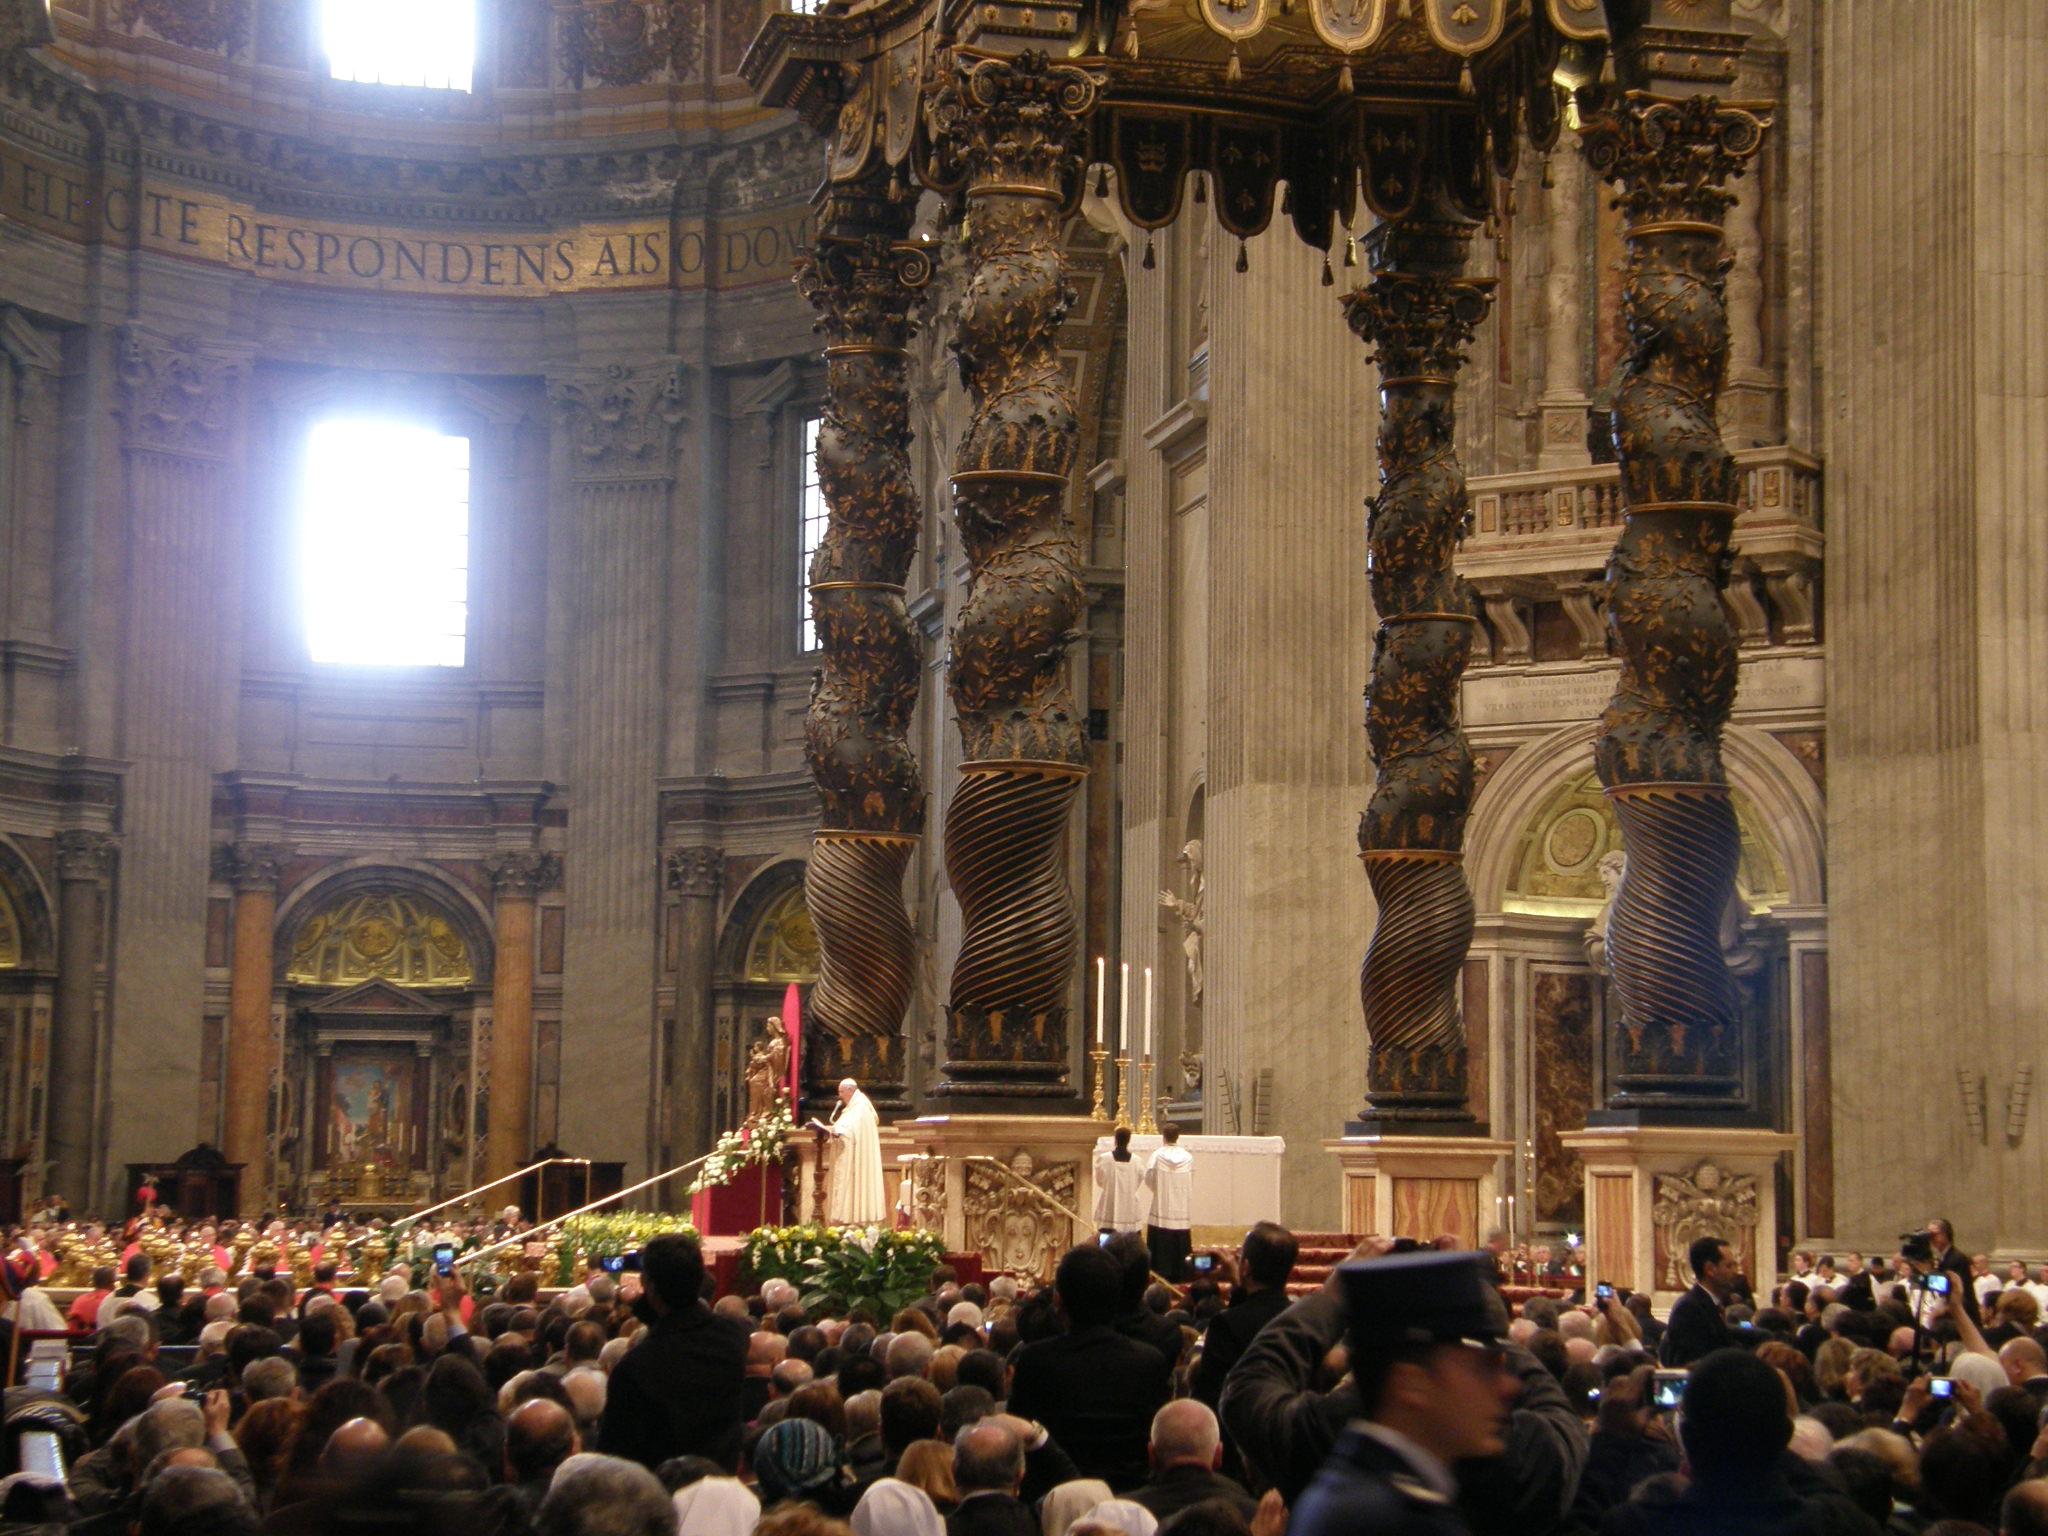 Papa Francesco nel Concistoro ordinario pubblico per la creazione di 16 nuovi Cardinali tra cui l'Arcivescovo di Perugia - Città della Pieve Gualtiero Bassetti